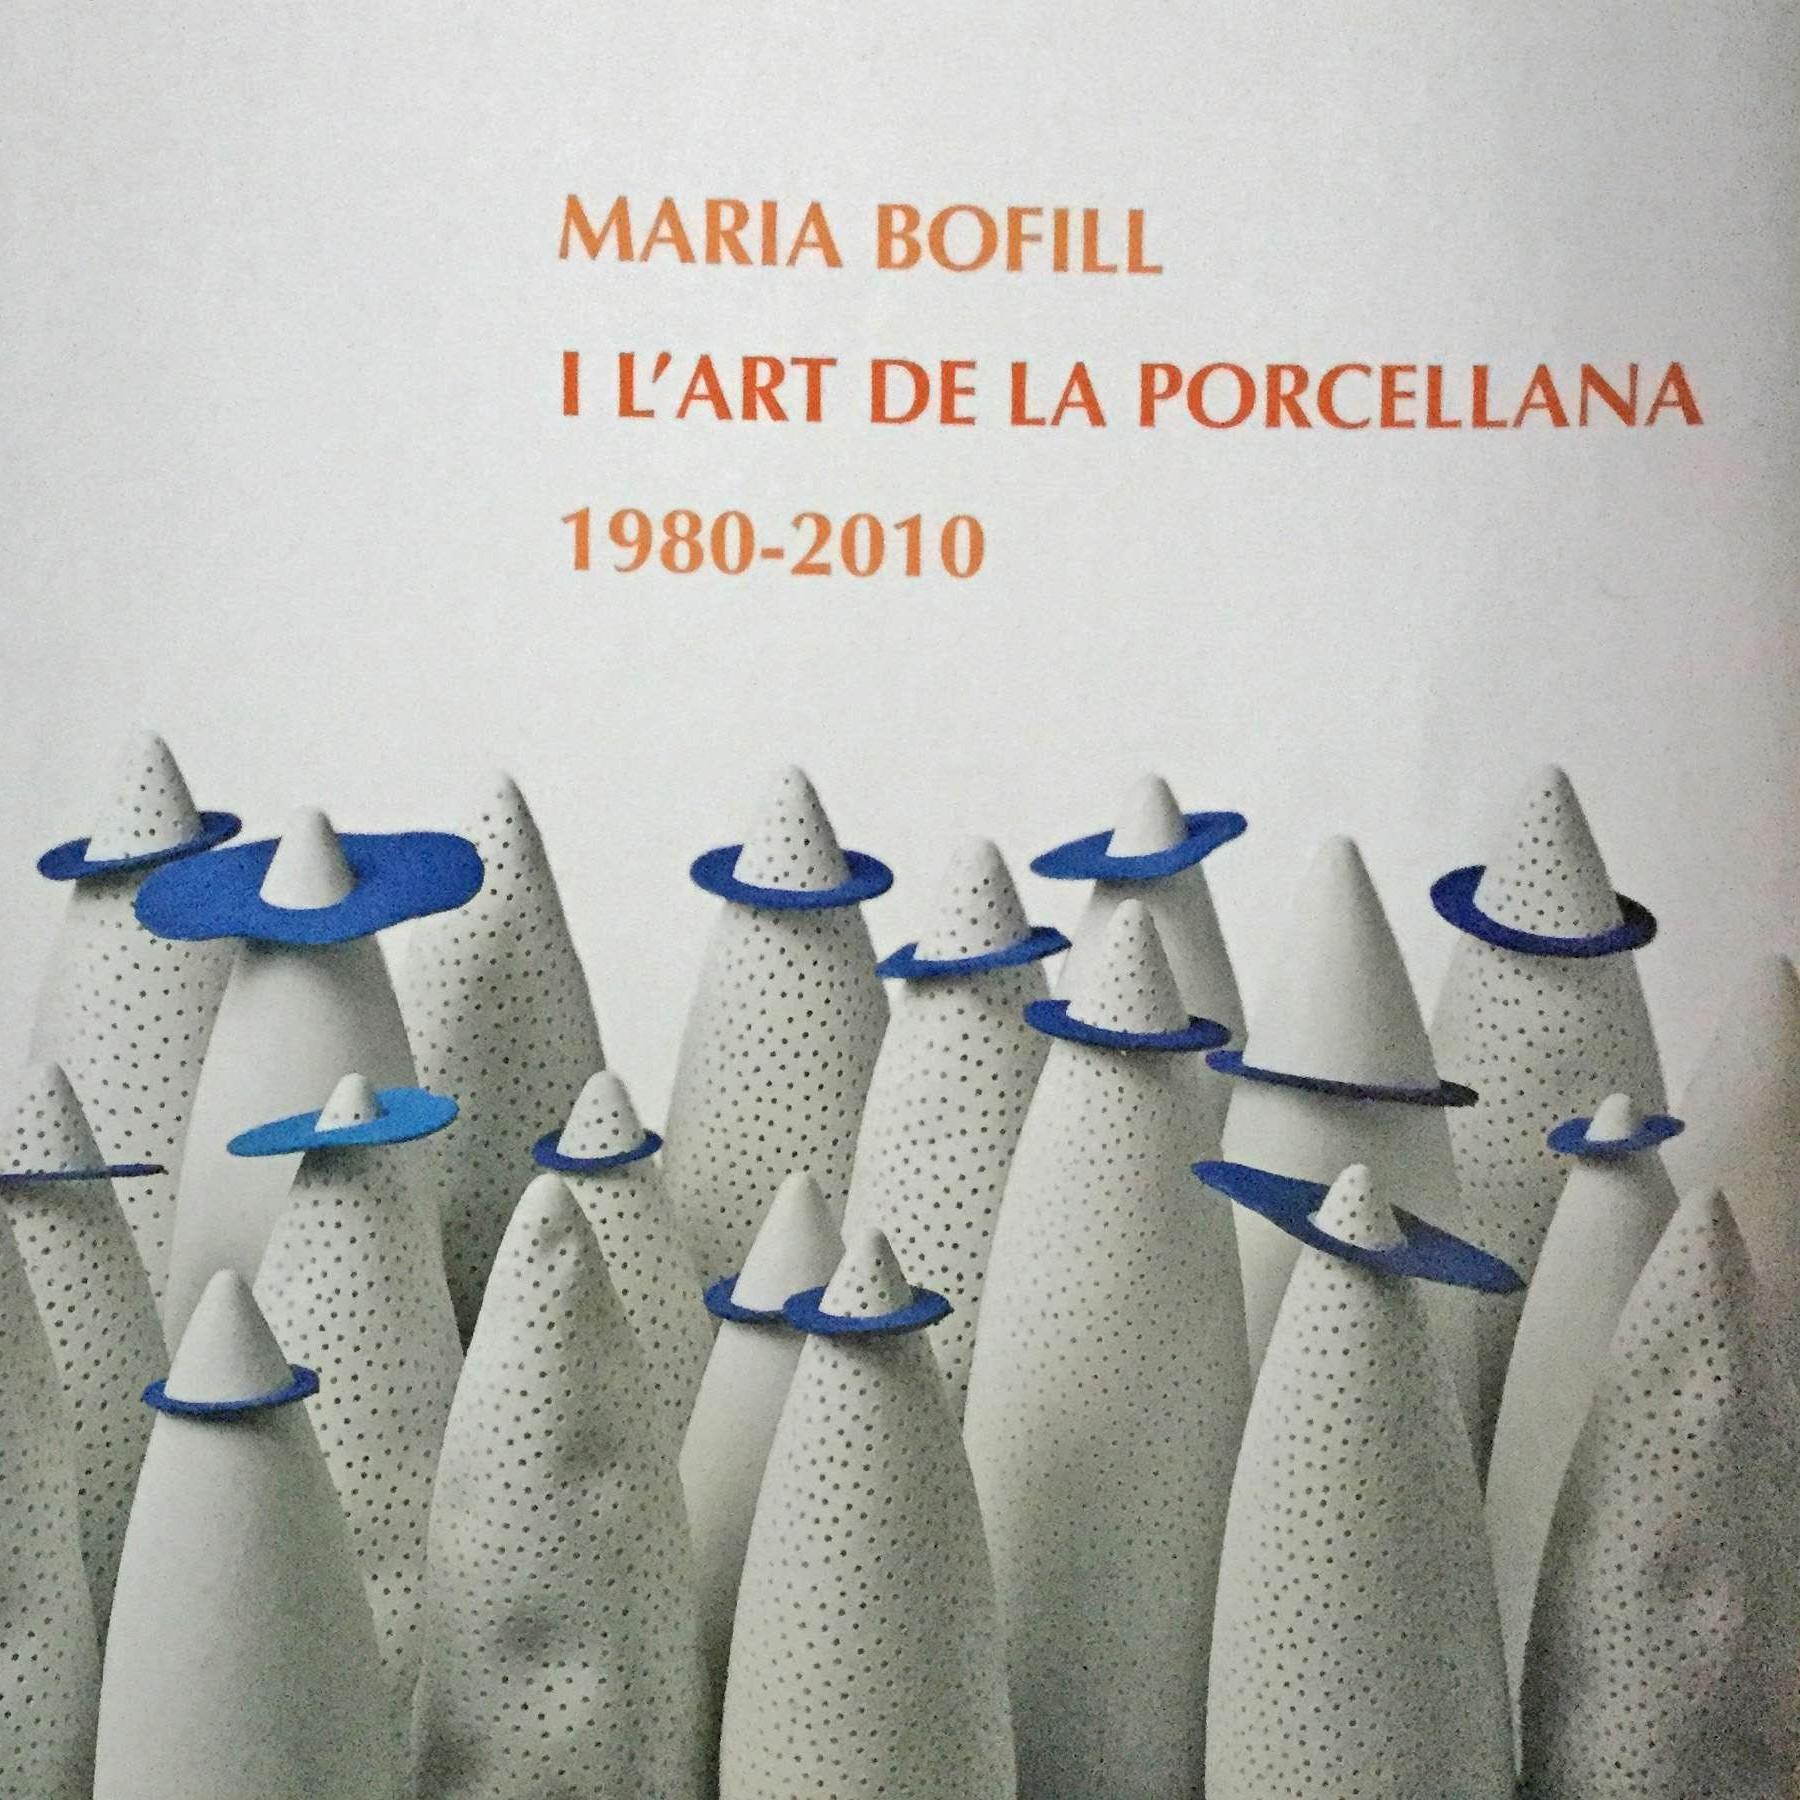 Maria Bofill I l'art de Porcellana – Museu de Ceràmica Barcelona junio – octubre 2010 – Museo Nacional de Ceràmica y Artes Sutarias González Martí. Valencia octubre 2010 – enero 2011